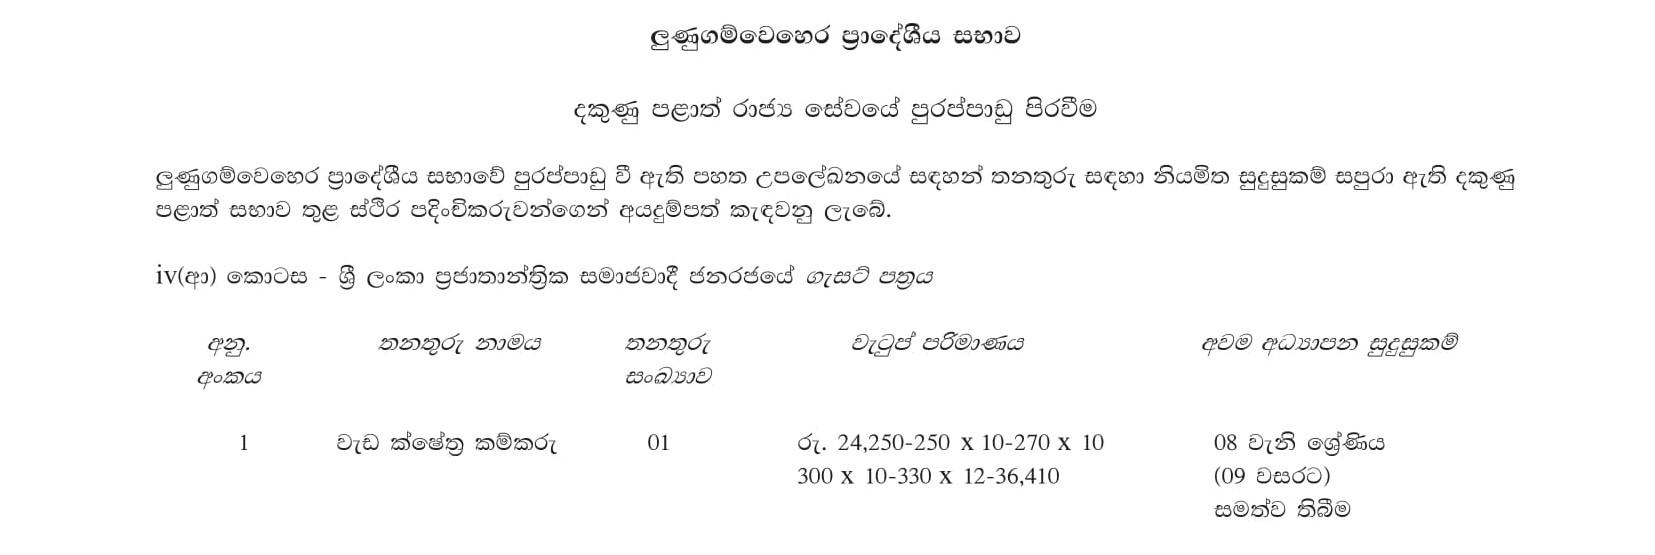 Field Works Labourer - Lunugamwehera Pradeshiya Sabha